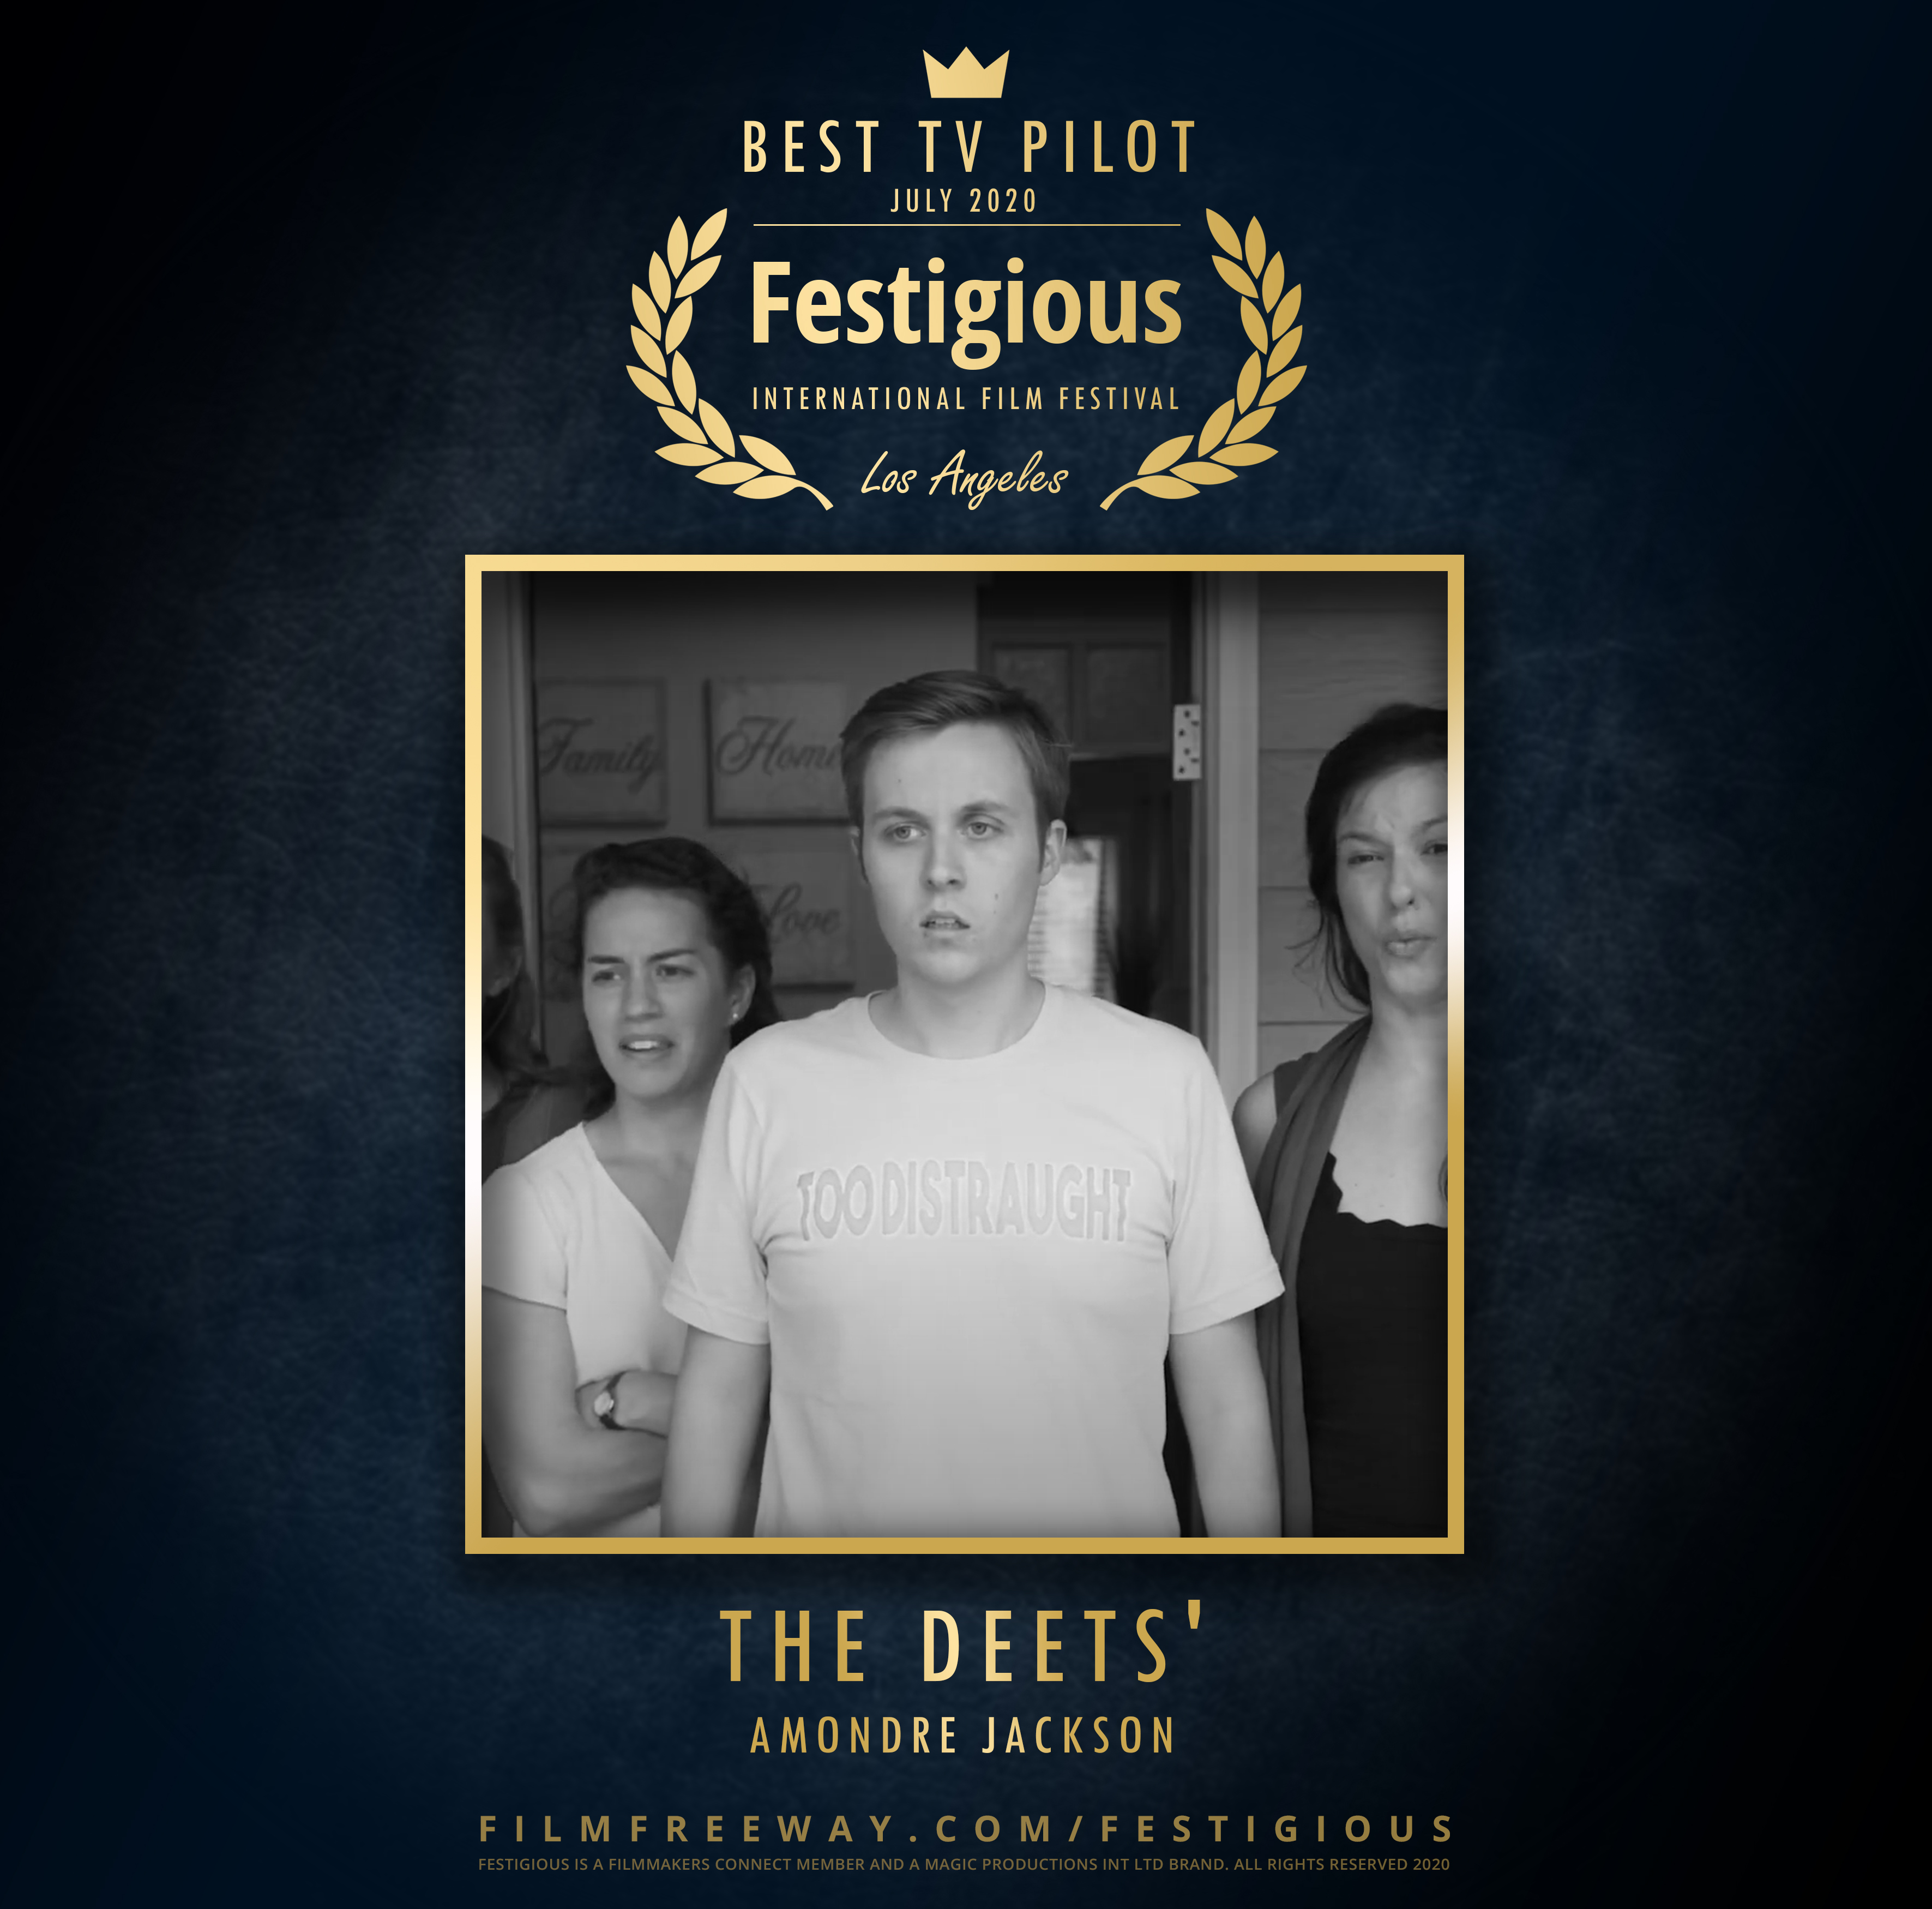 The Deets' design